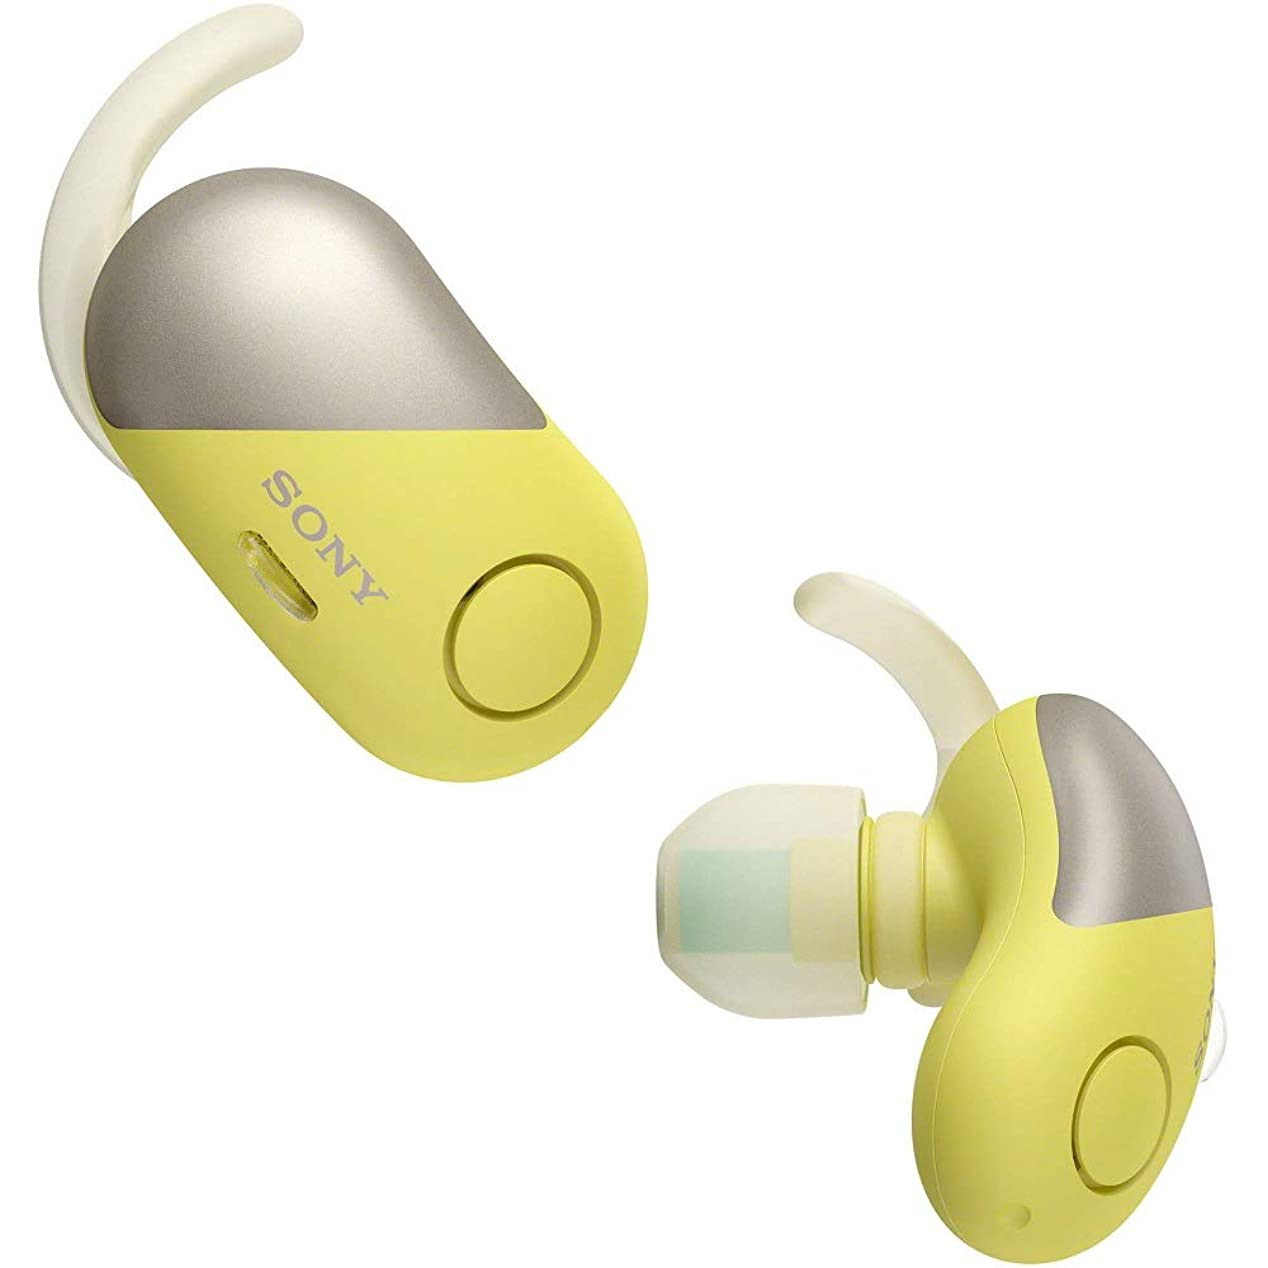 ラップ不愉快ラインナップSony WF-SP700N スポーツ用ワイヤレスノイズキャンセリングヘッドフォン WFSP700N Yellow [並行輸入品]